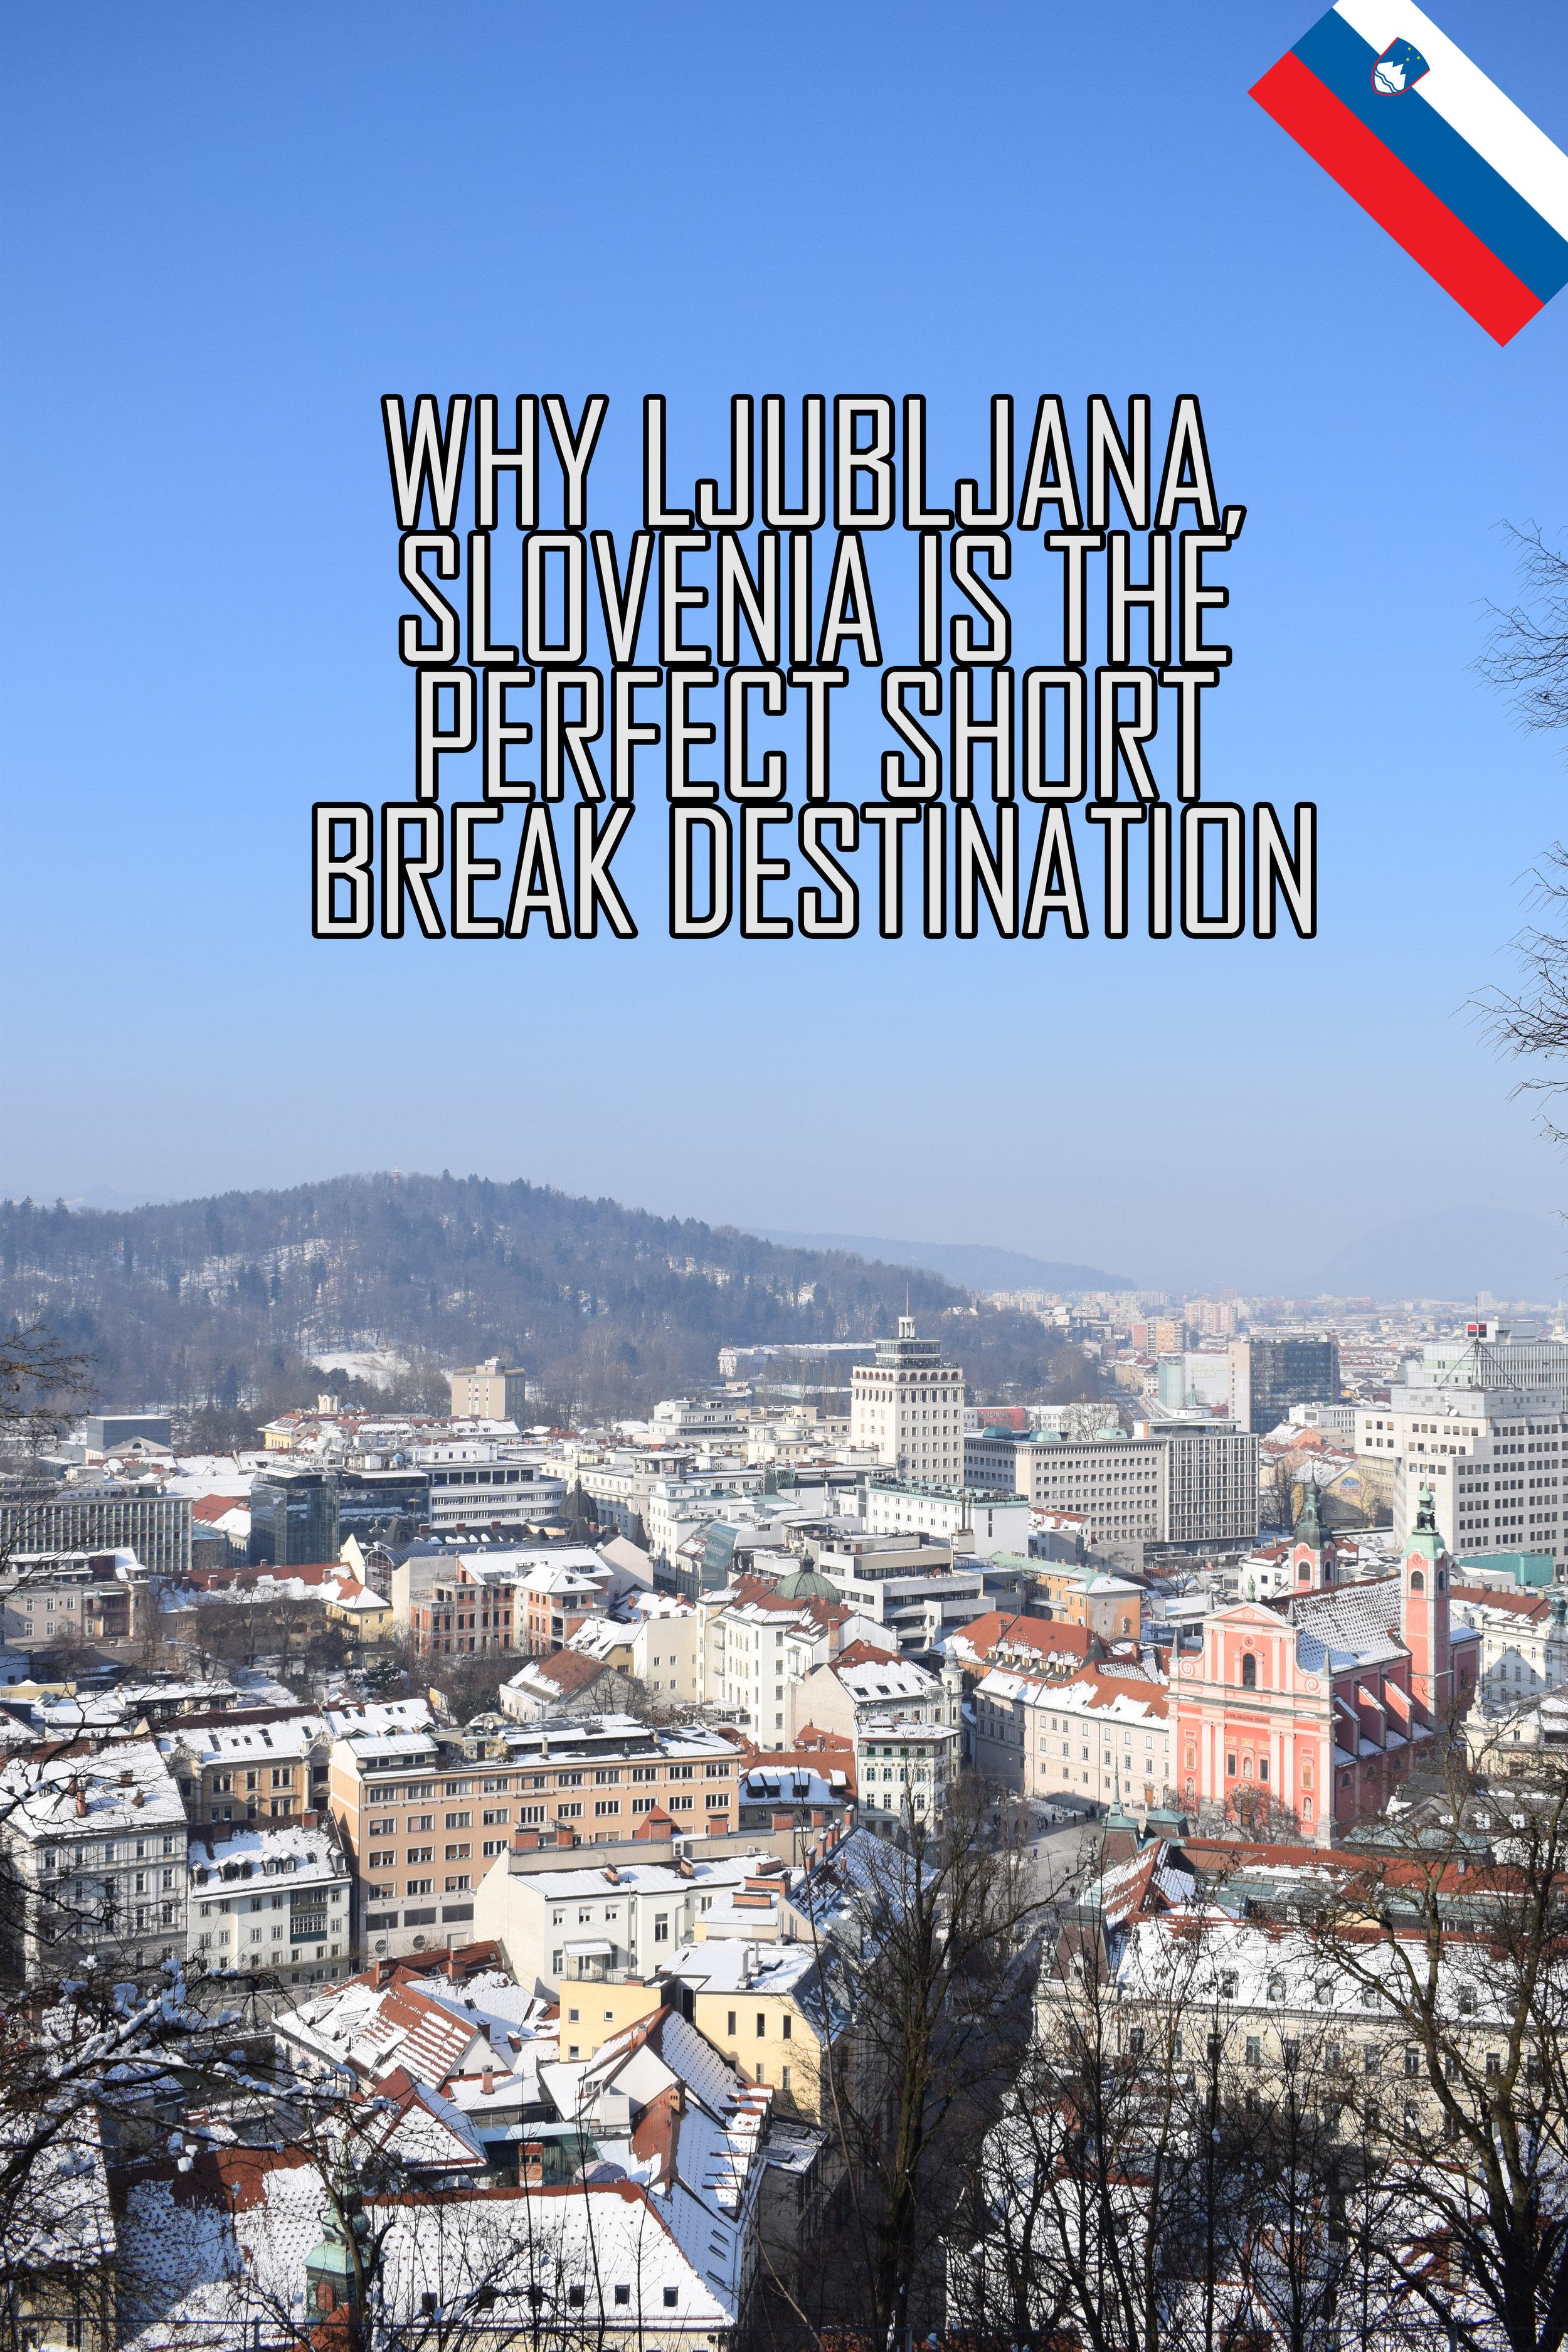 Ljubljana-Short-Break-Slovenia-Pin